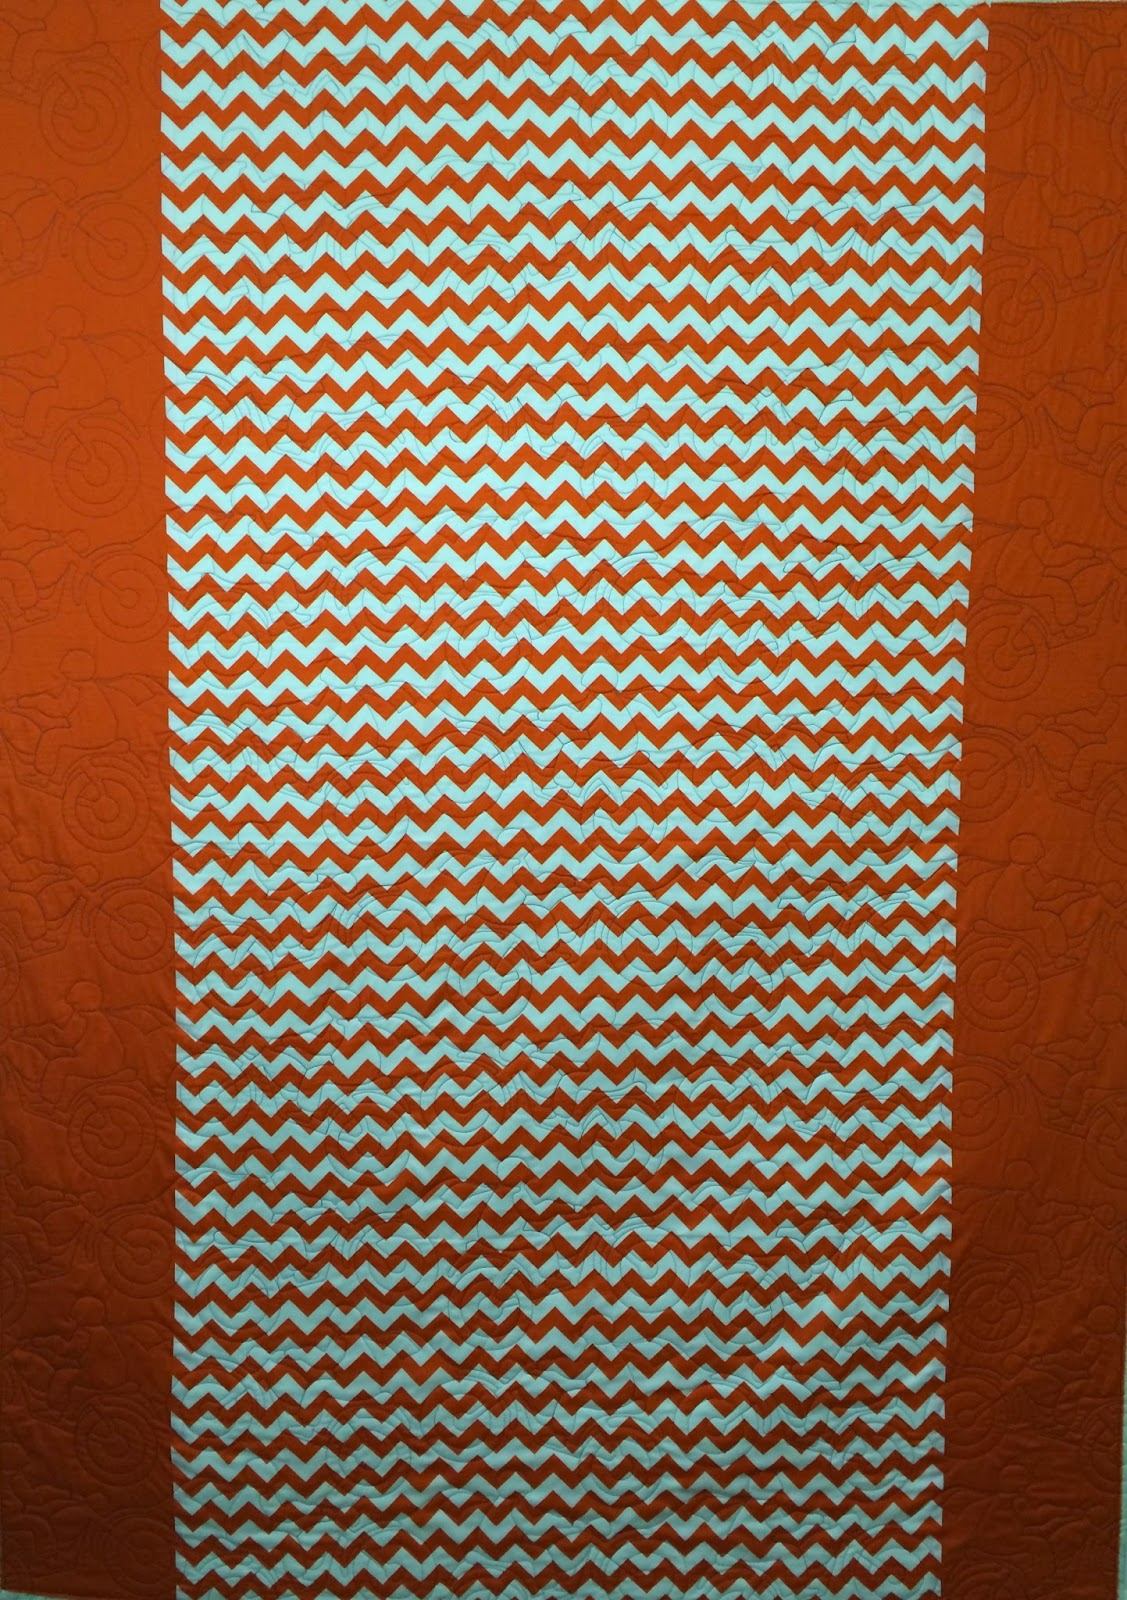 Donna St. Pierre's Zig-Zag Quilt